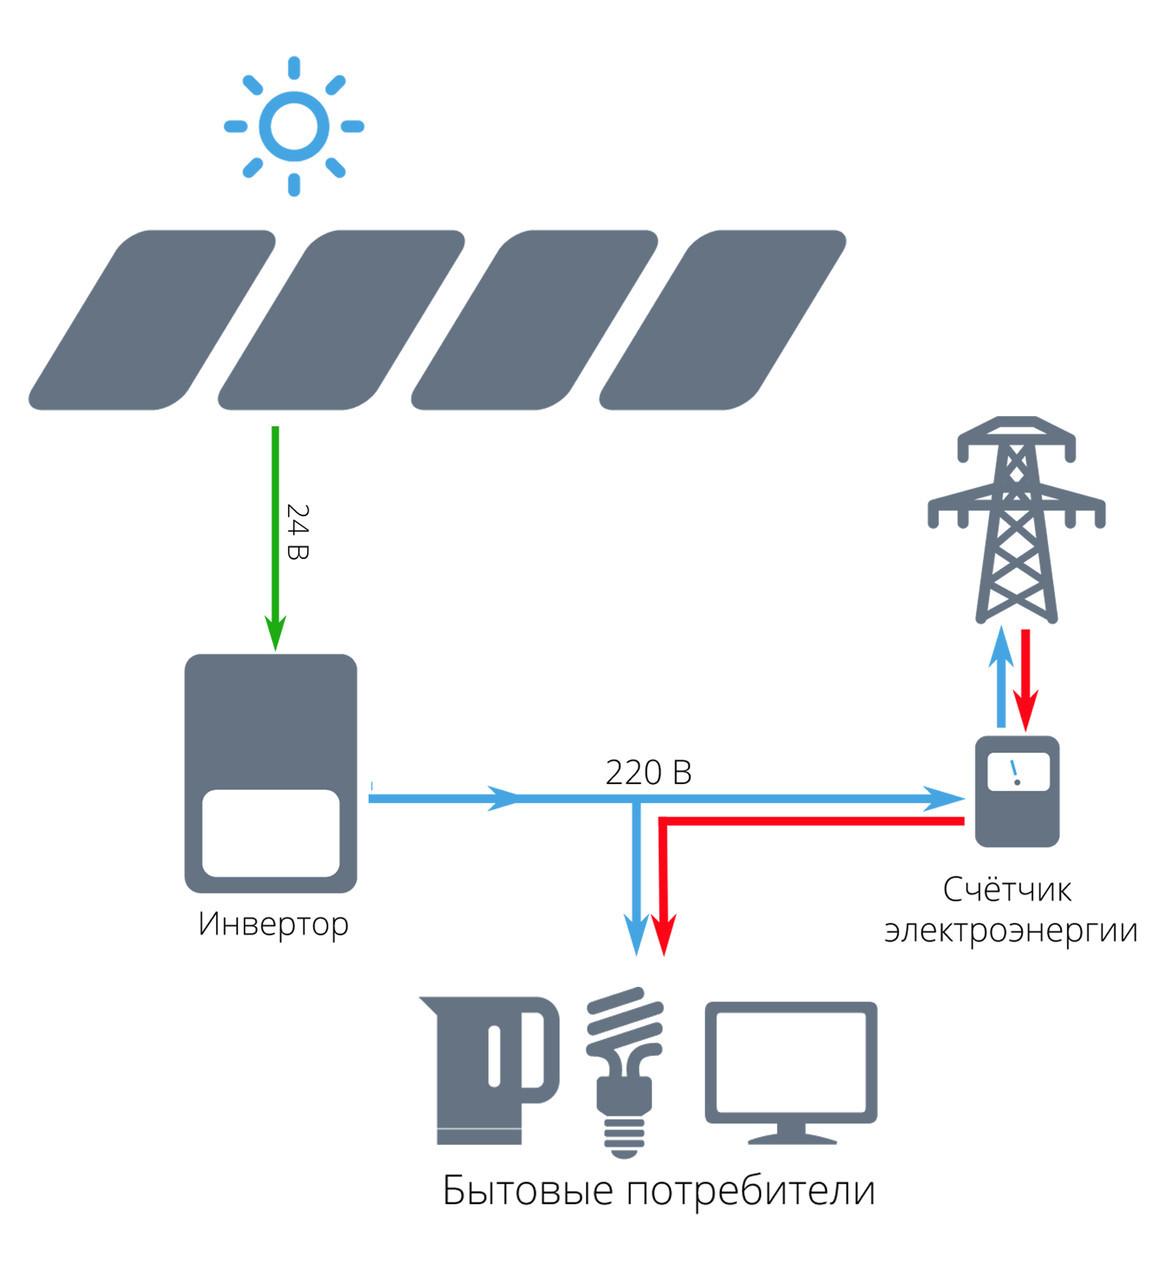 """Сетевая солнечная электростанция для дома 15 кВт под """"зеленый тариф"""" - EKONOM"""